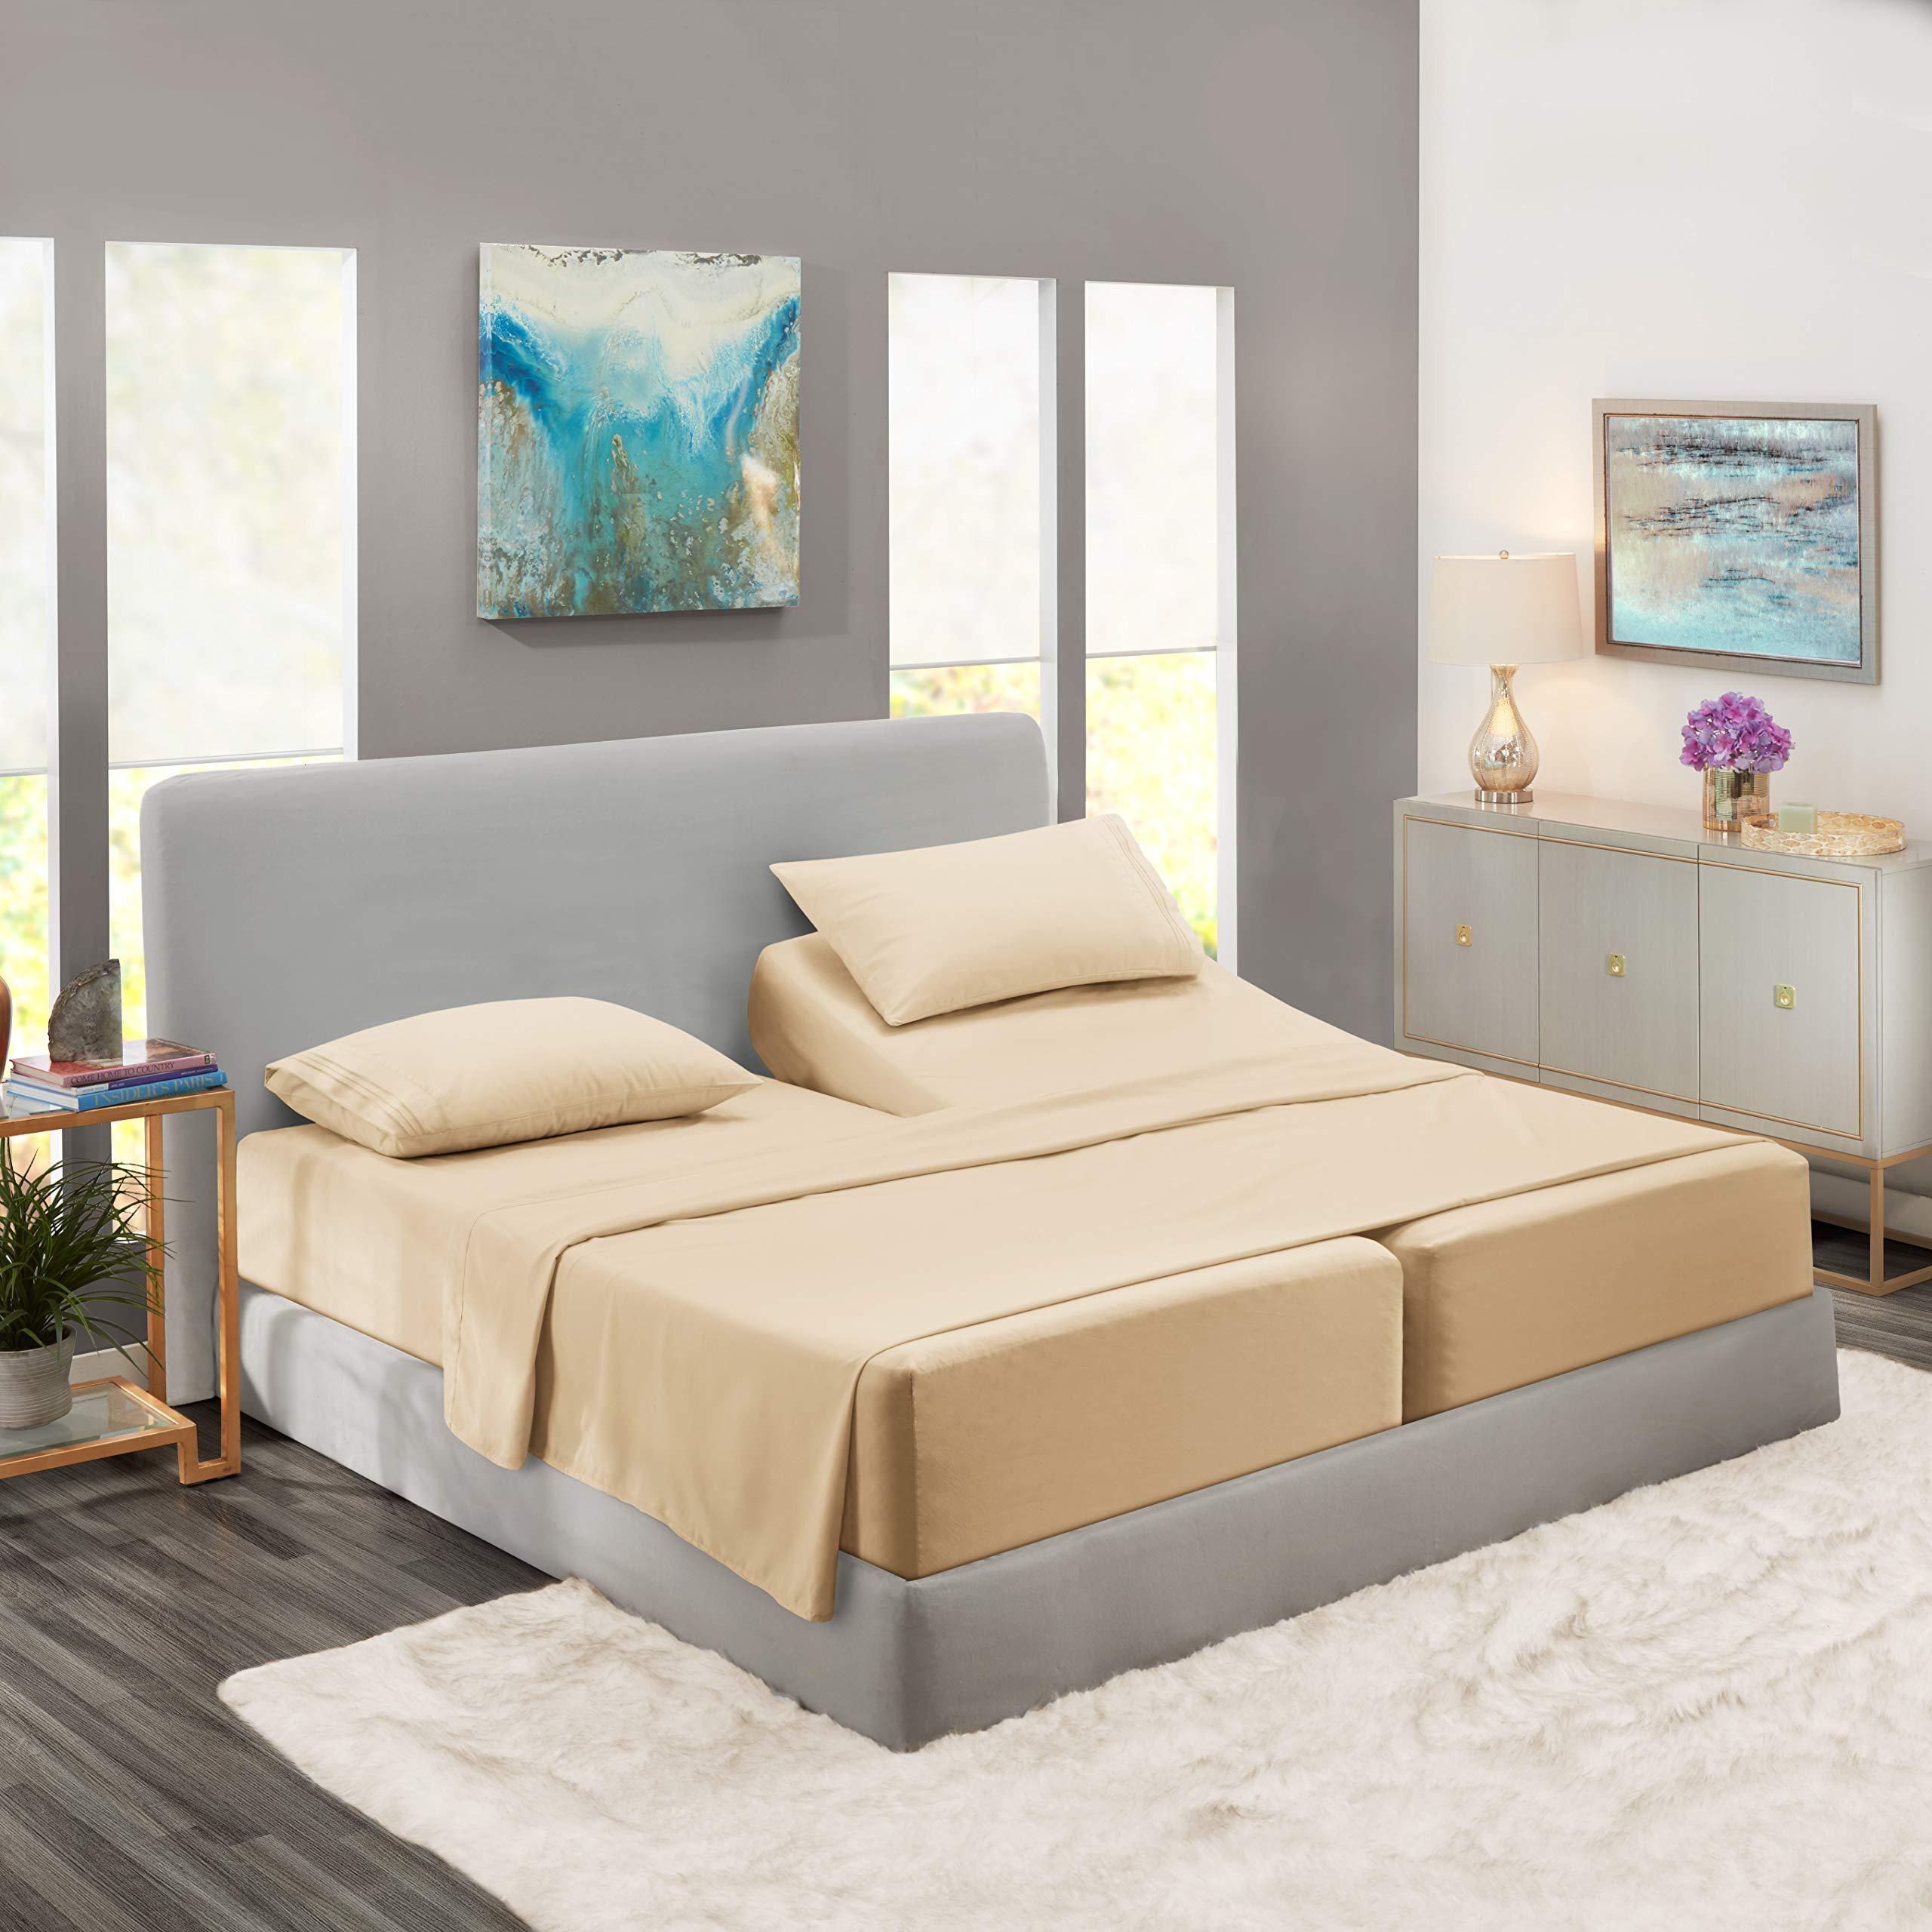 Nestl Bedding 5 Piece Sheet Set - 1800 Deep Pocket Bed Sheet Set - Hotel Luxury Double Brushed Microfiber Sheets - Deep Pocket Fitted Sheet, Flat Sheet, Pillow Cases, Split Cal King - Beige